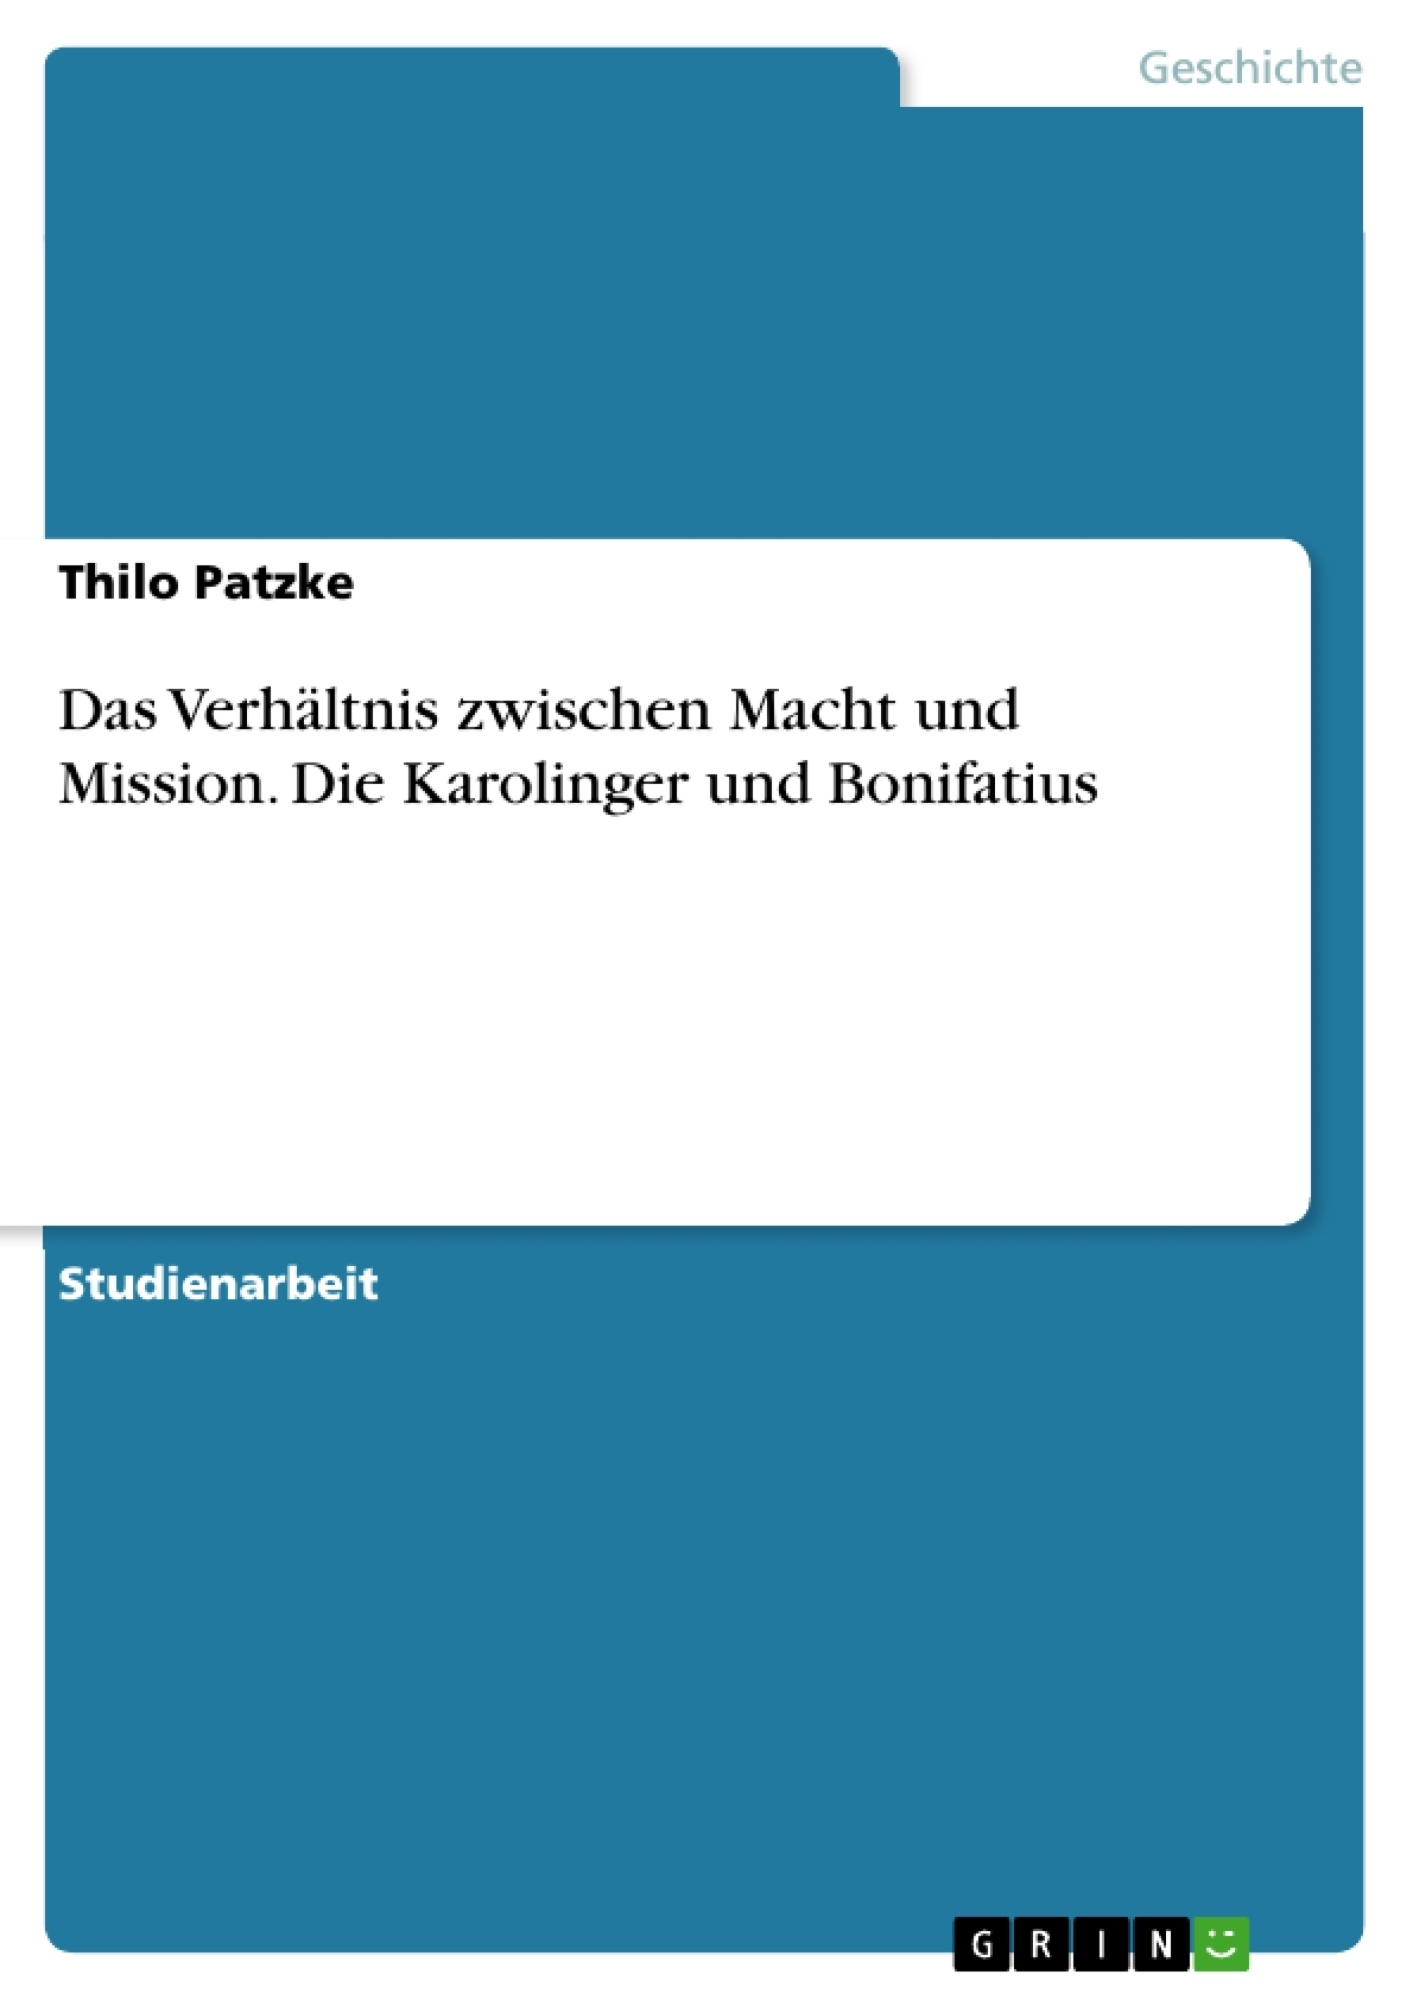 Titel: Das Verhältnis zwischen Macht und Mission. Die Karolinger und Bonifatius